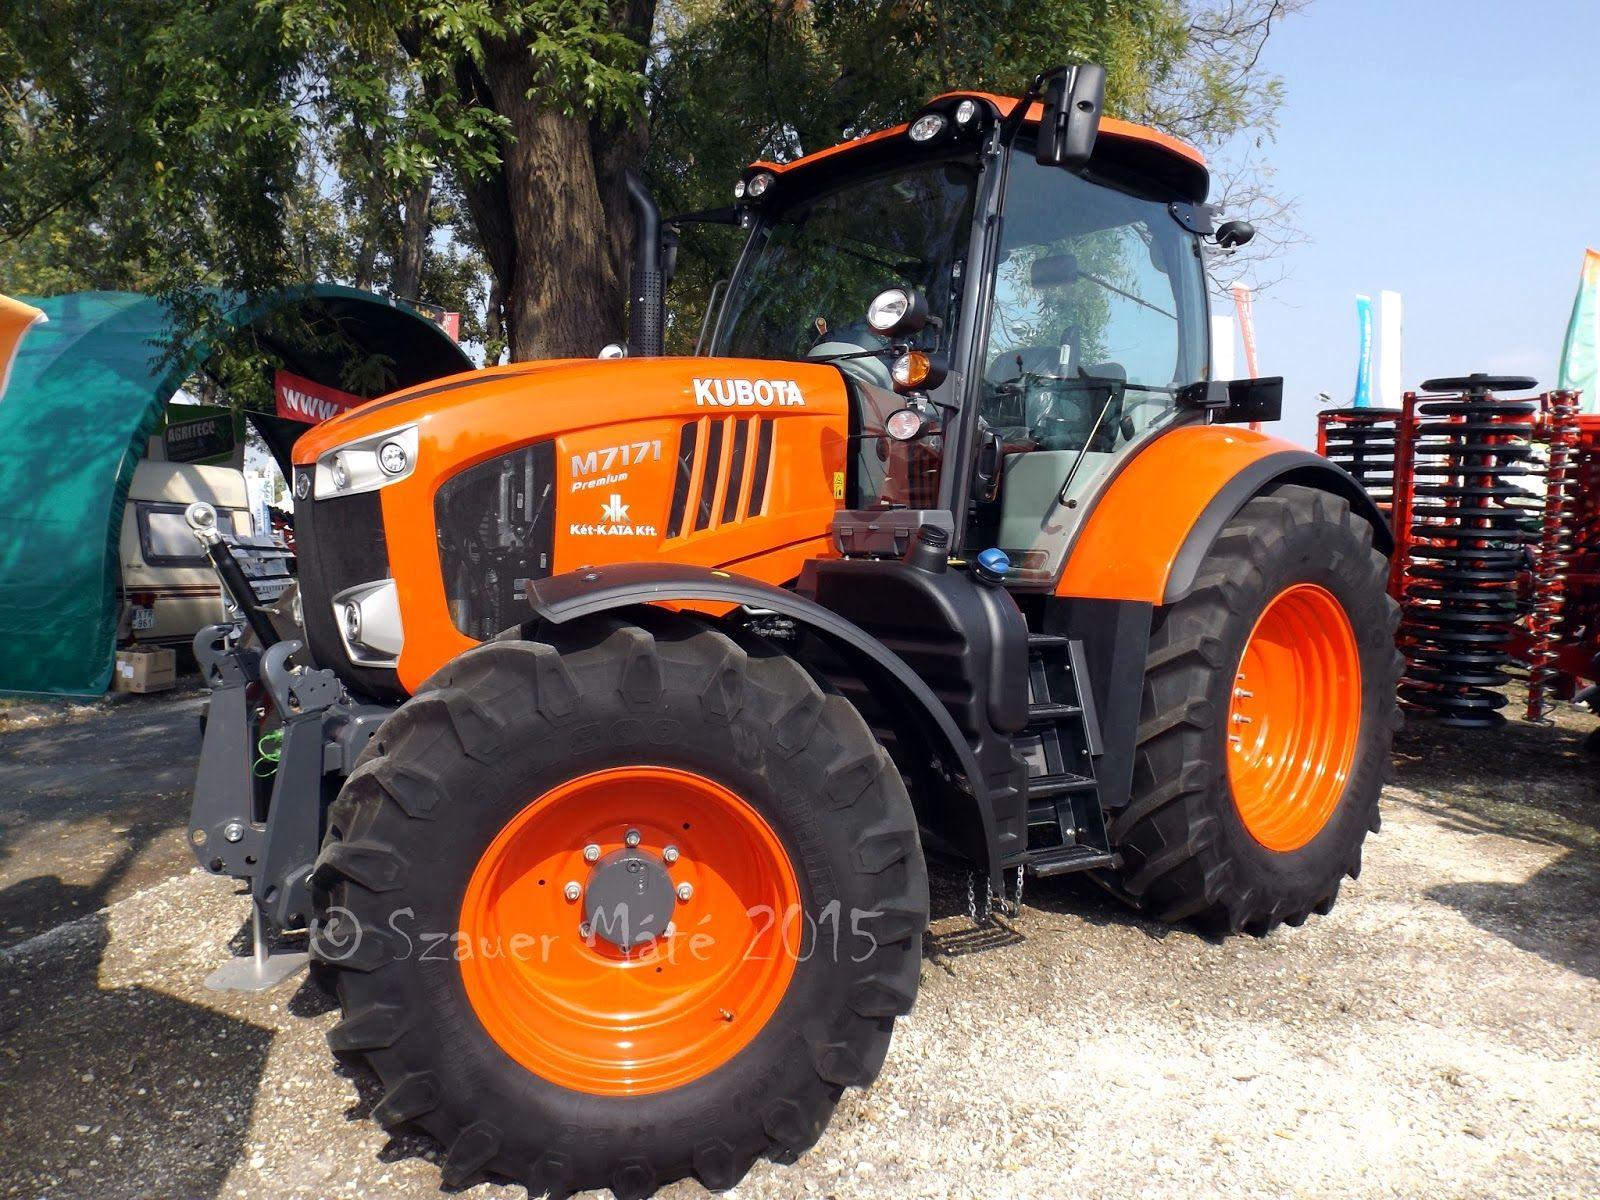 Kubota M7171 Premium